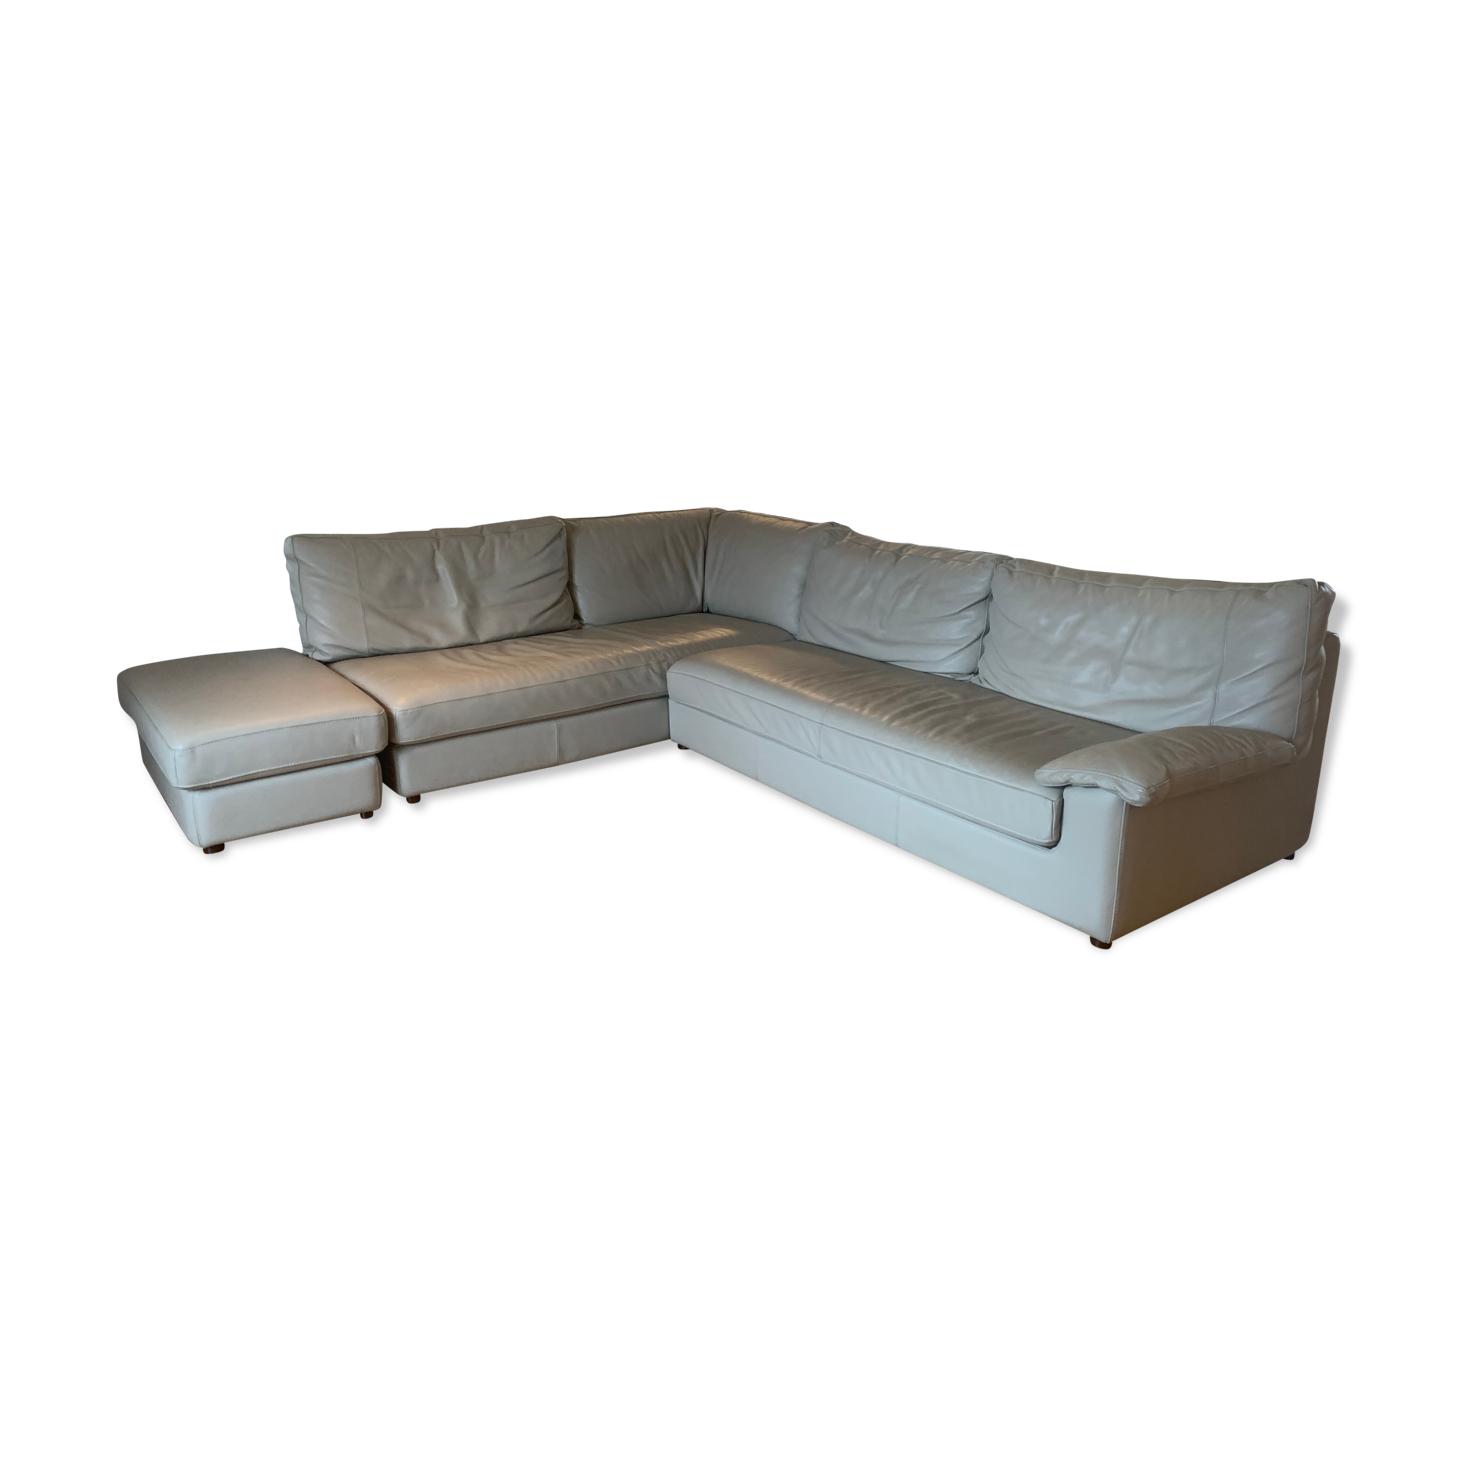 Canapé d'angle Steiner Paris